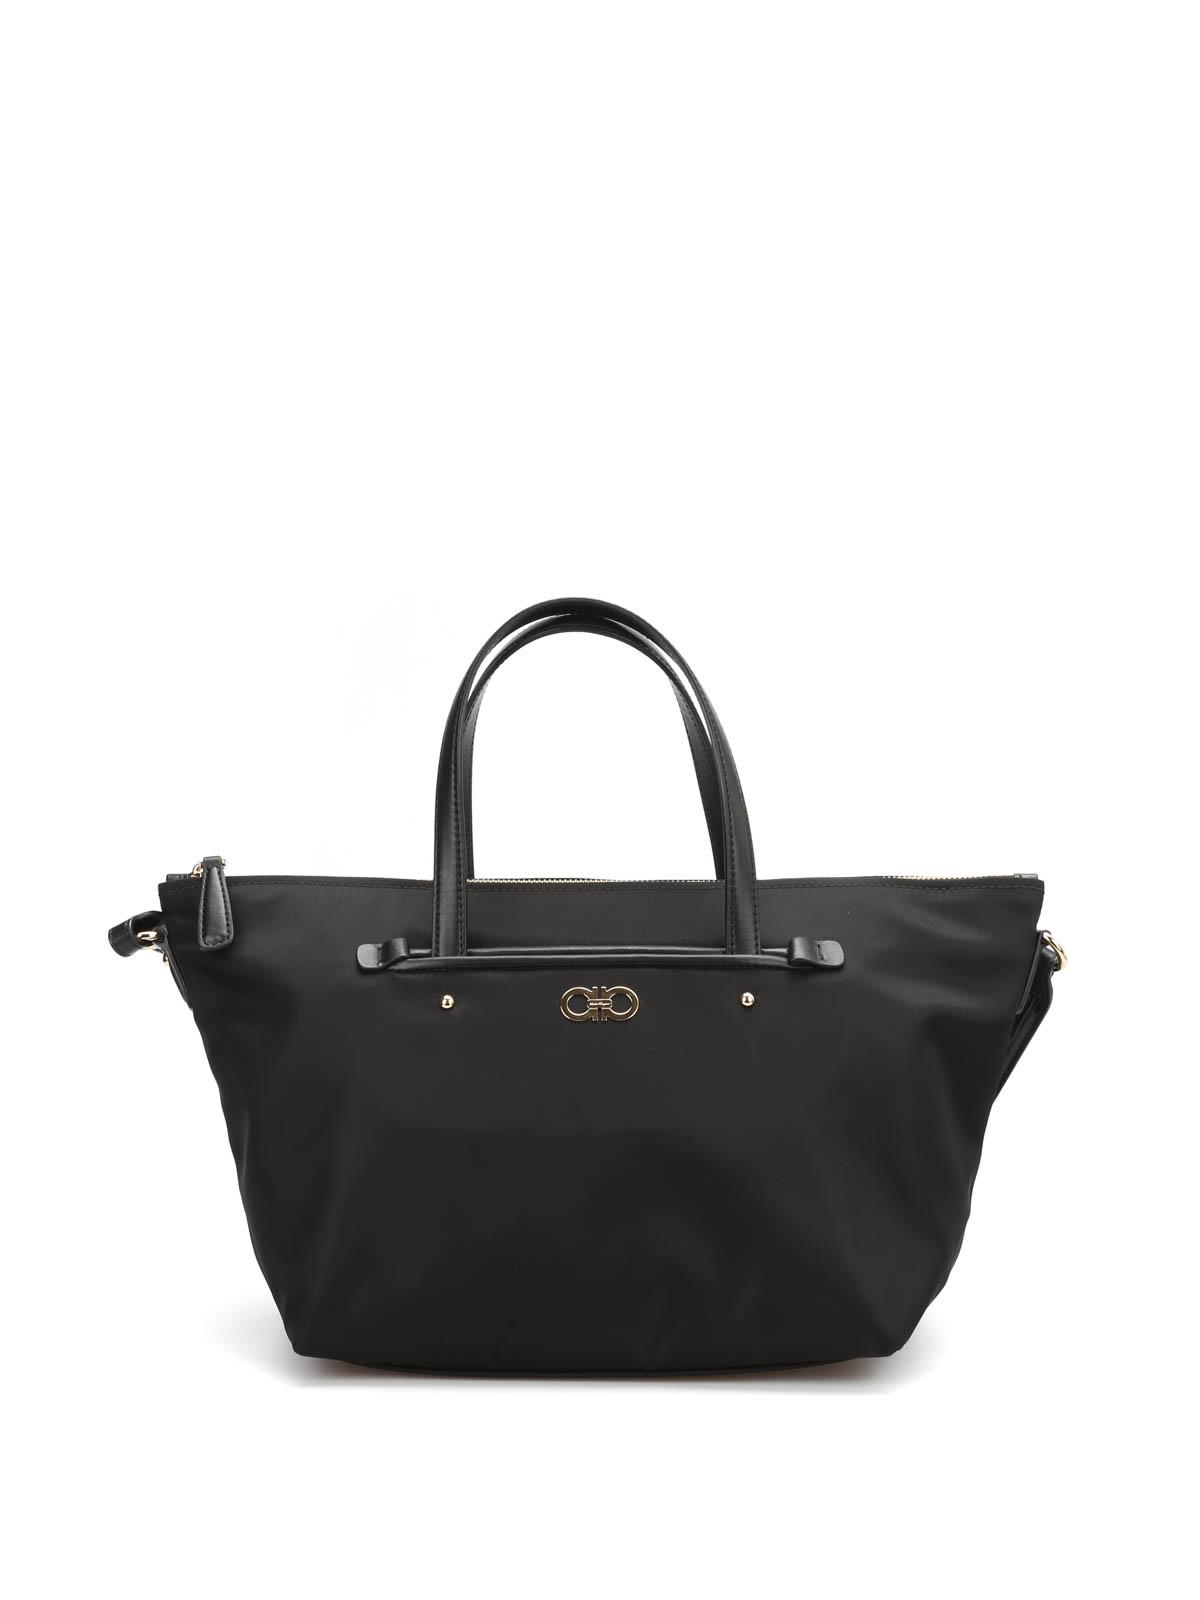 8ef2386fce48 Salvatore Ferragamo - Small Mika tote - totes bags - 21F685004 ...